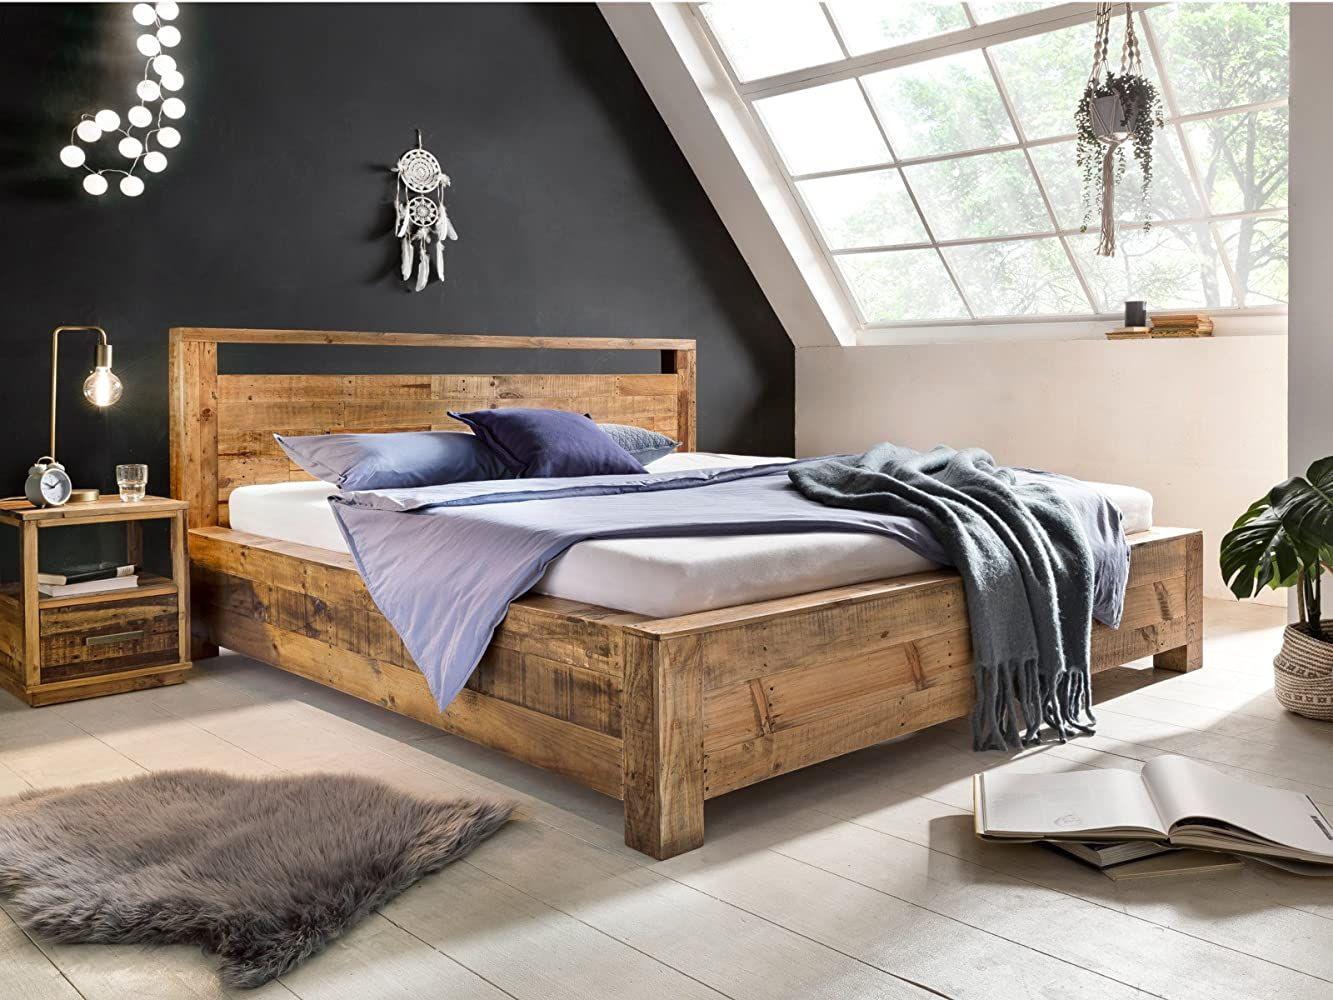 Woodkings Bett 180x200 Havelock Doppelbett Recycelte Pinie